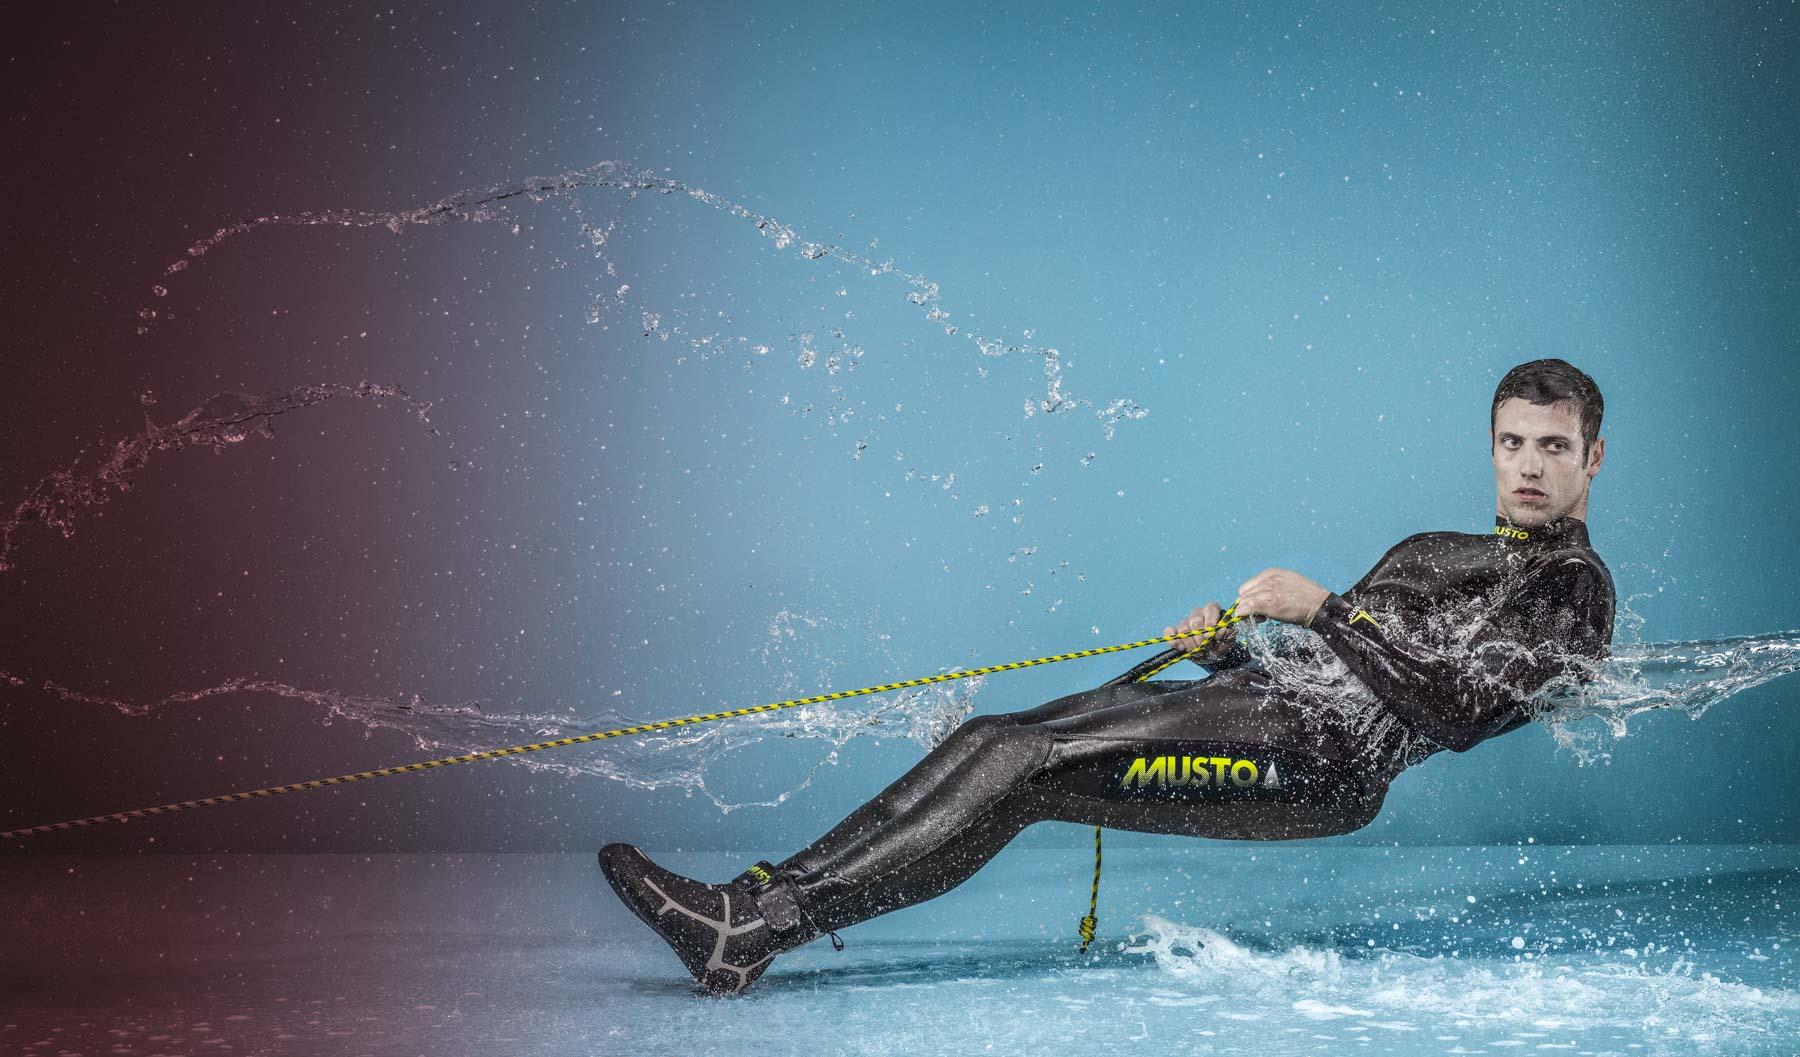 Musto Wet suit 1